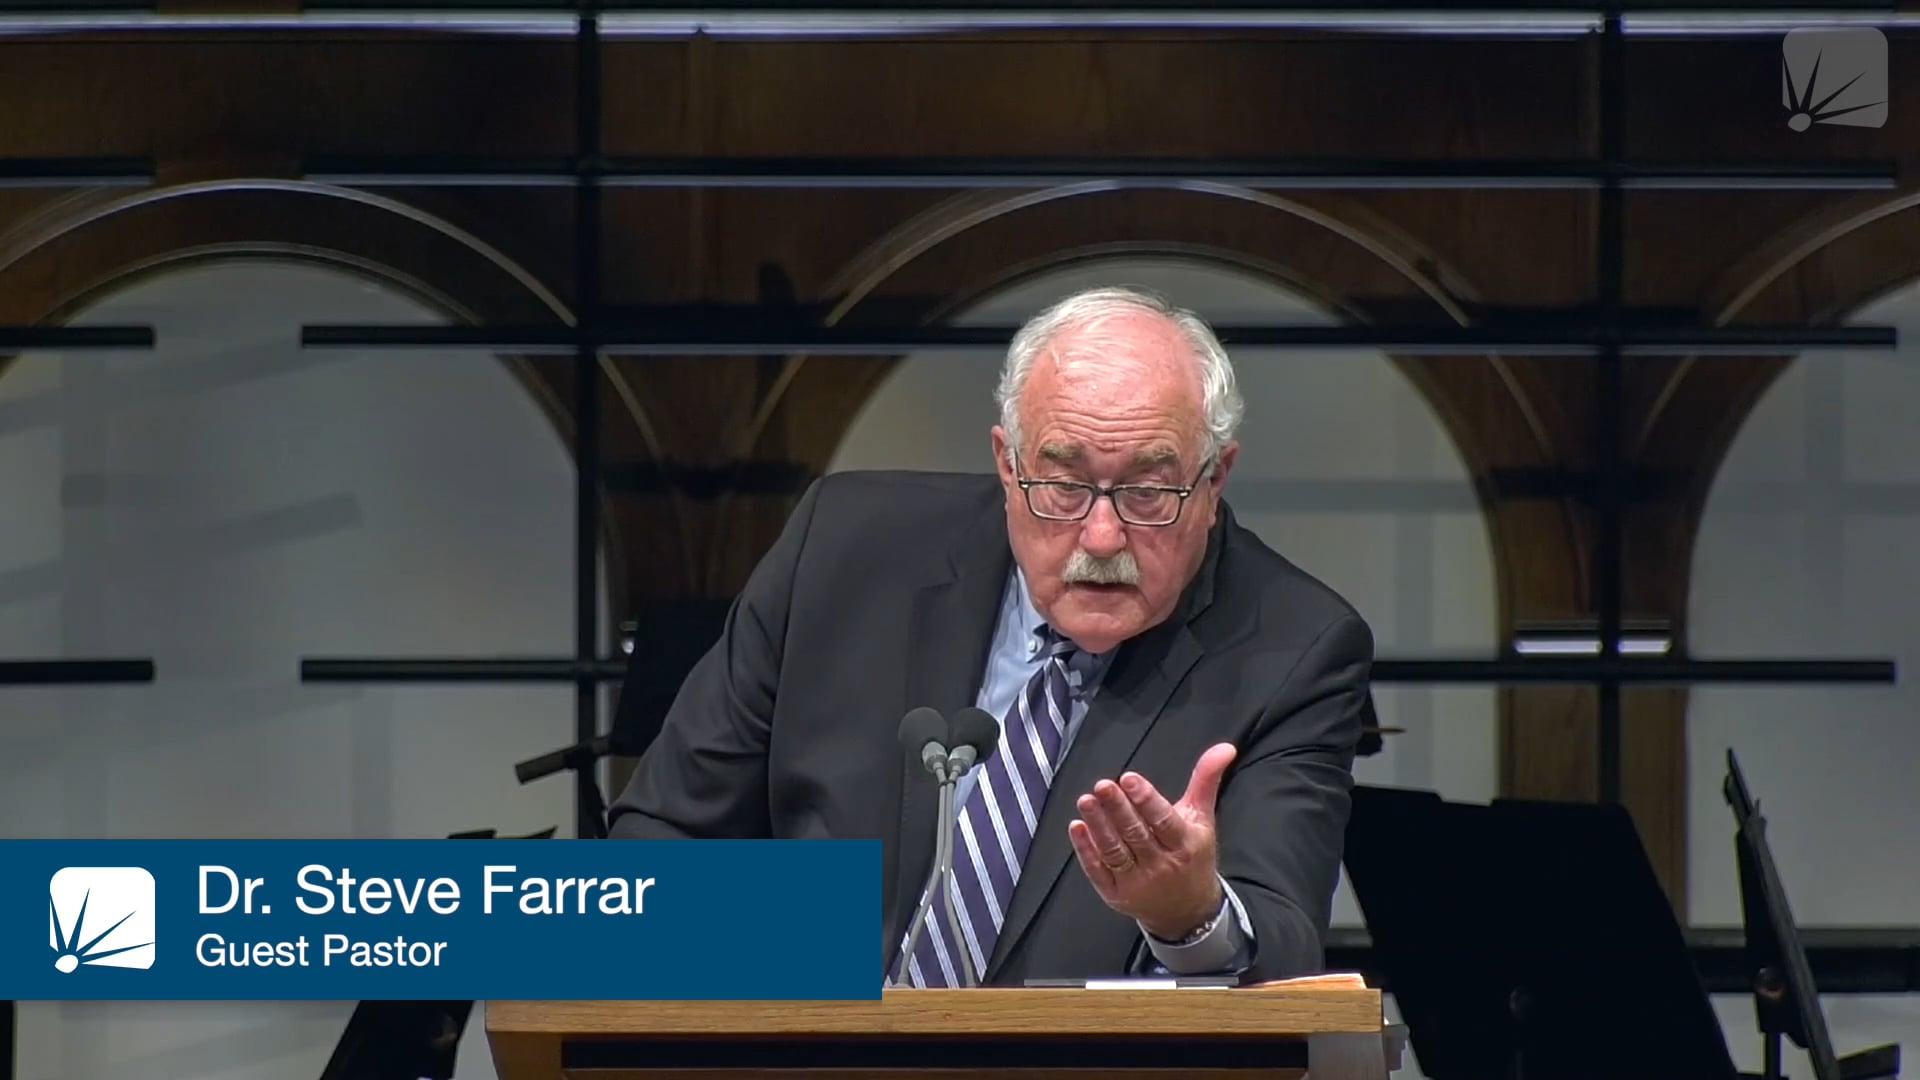 Pulpit Guest: Dr. Steve Farrar